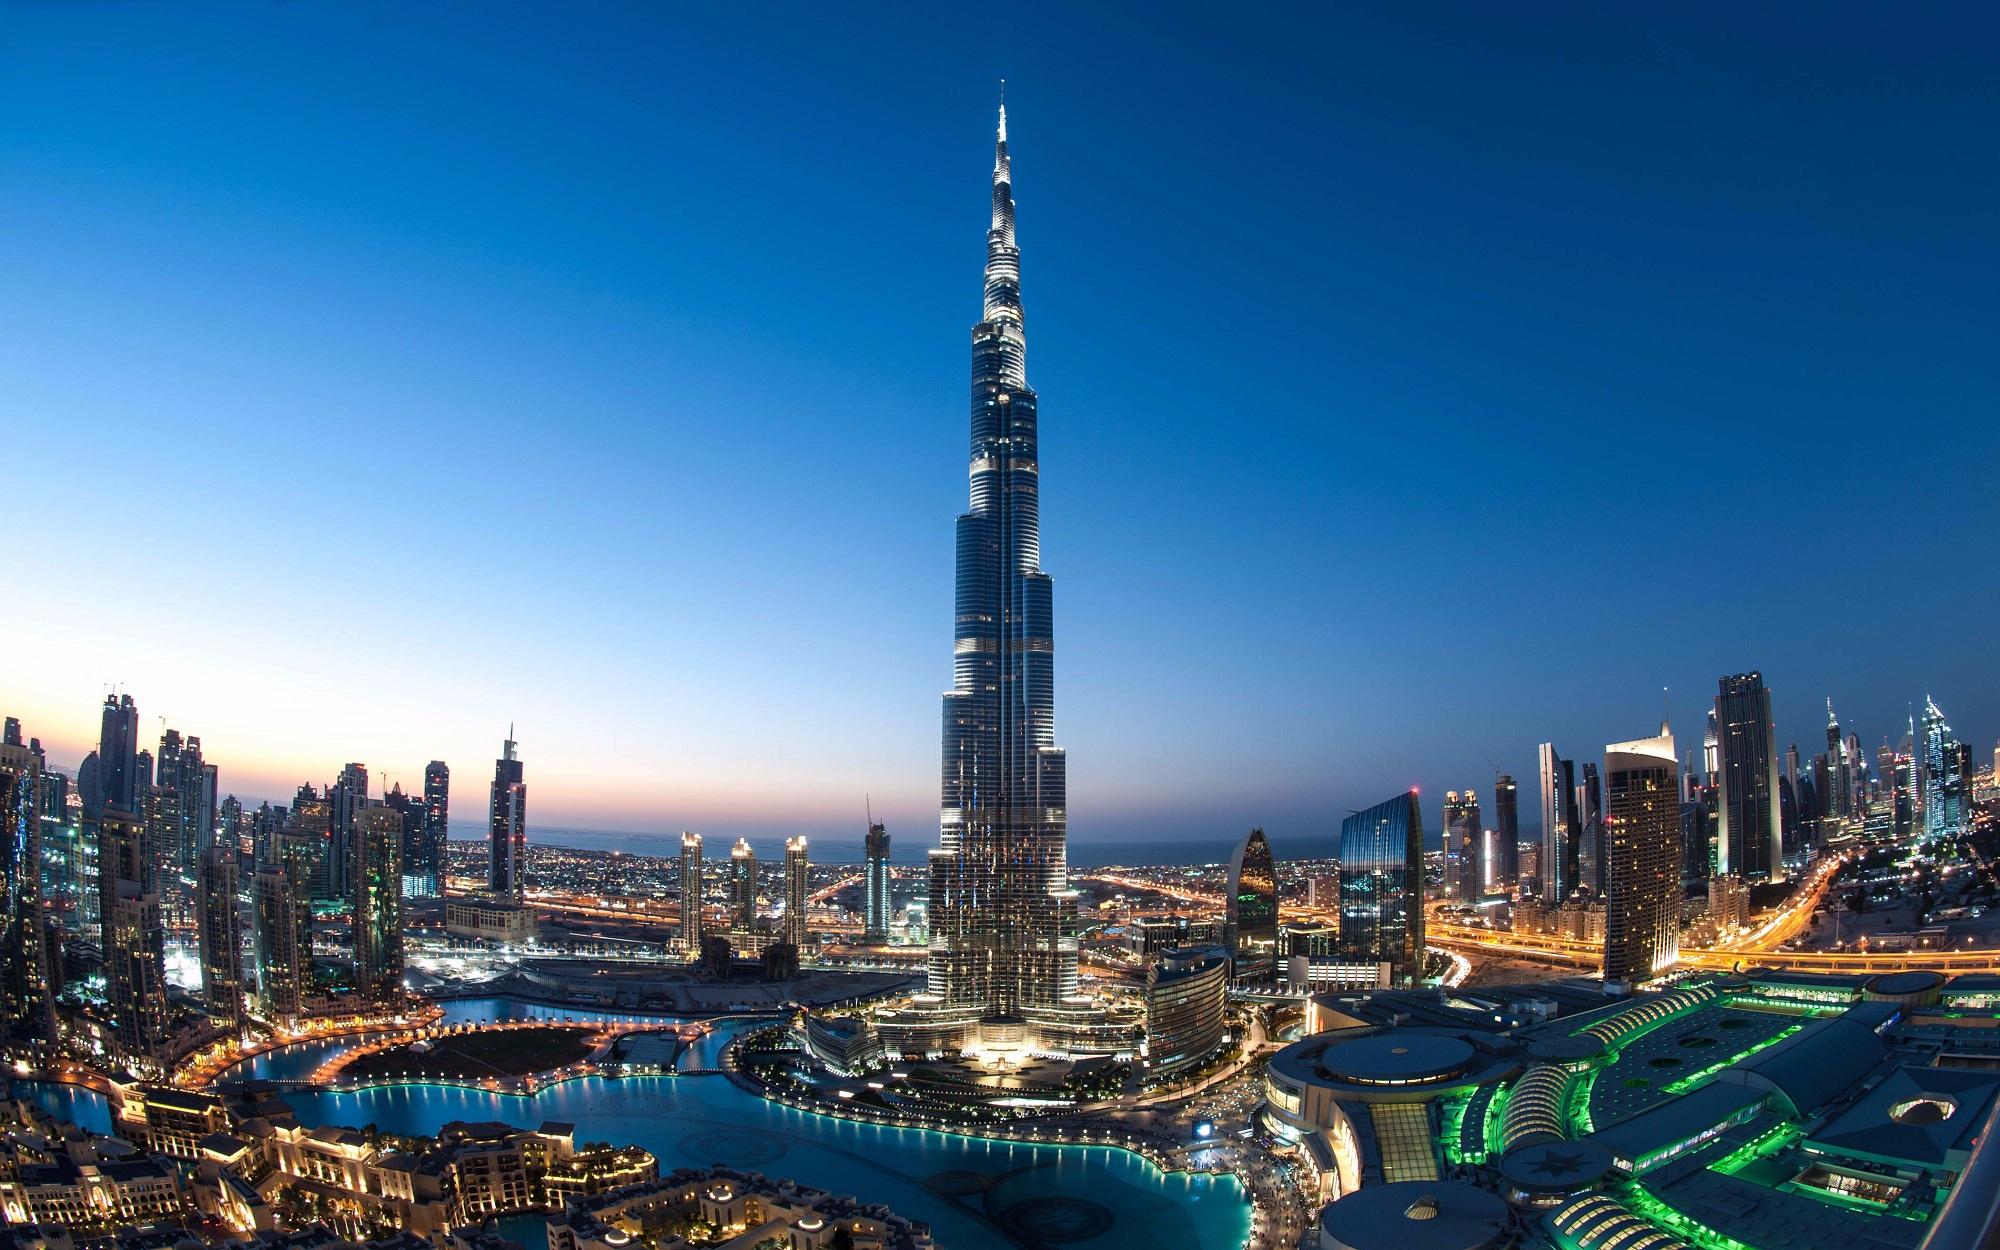 رحلة بحرية إلى برج خليفة